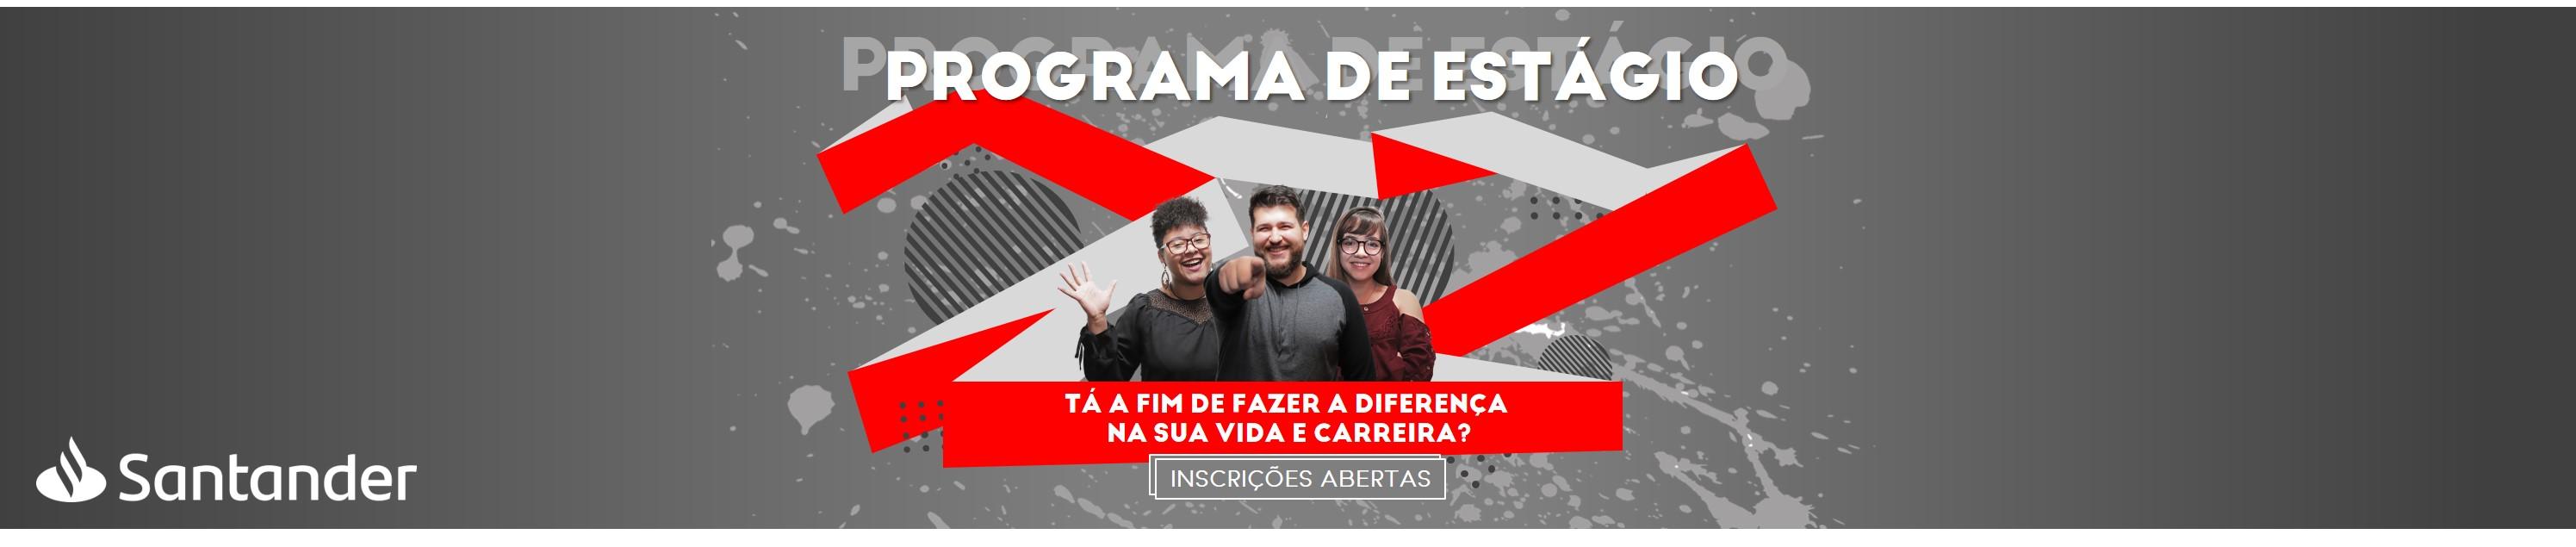 Programa de Estágio Santander 2019